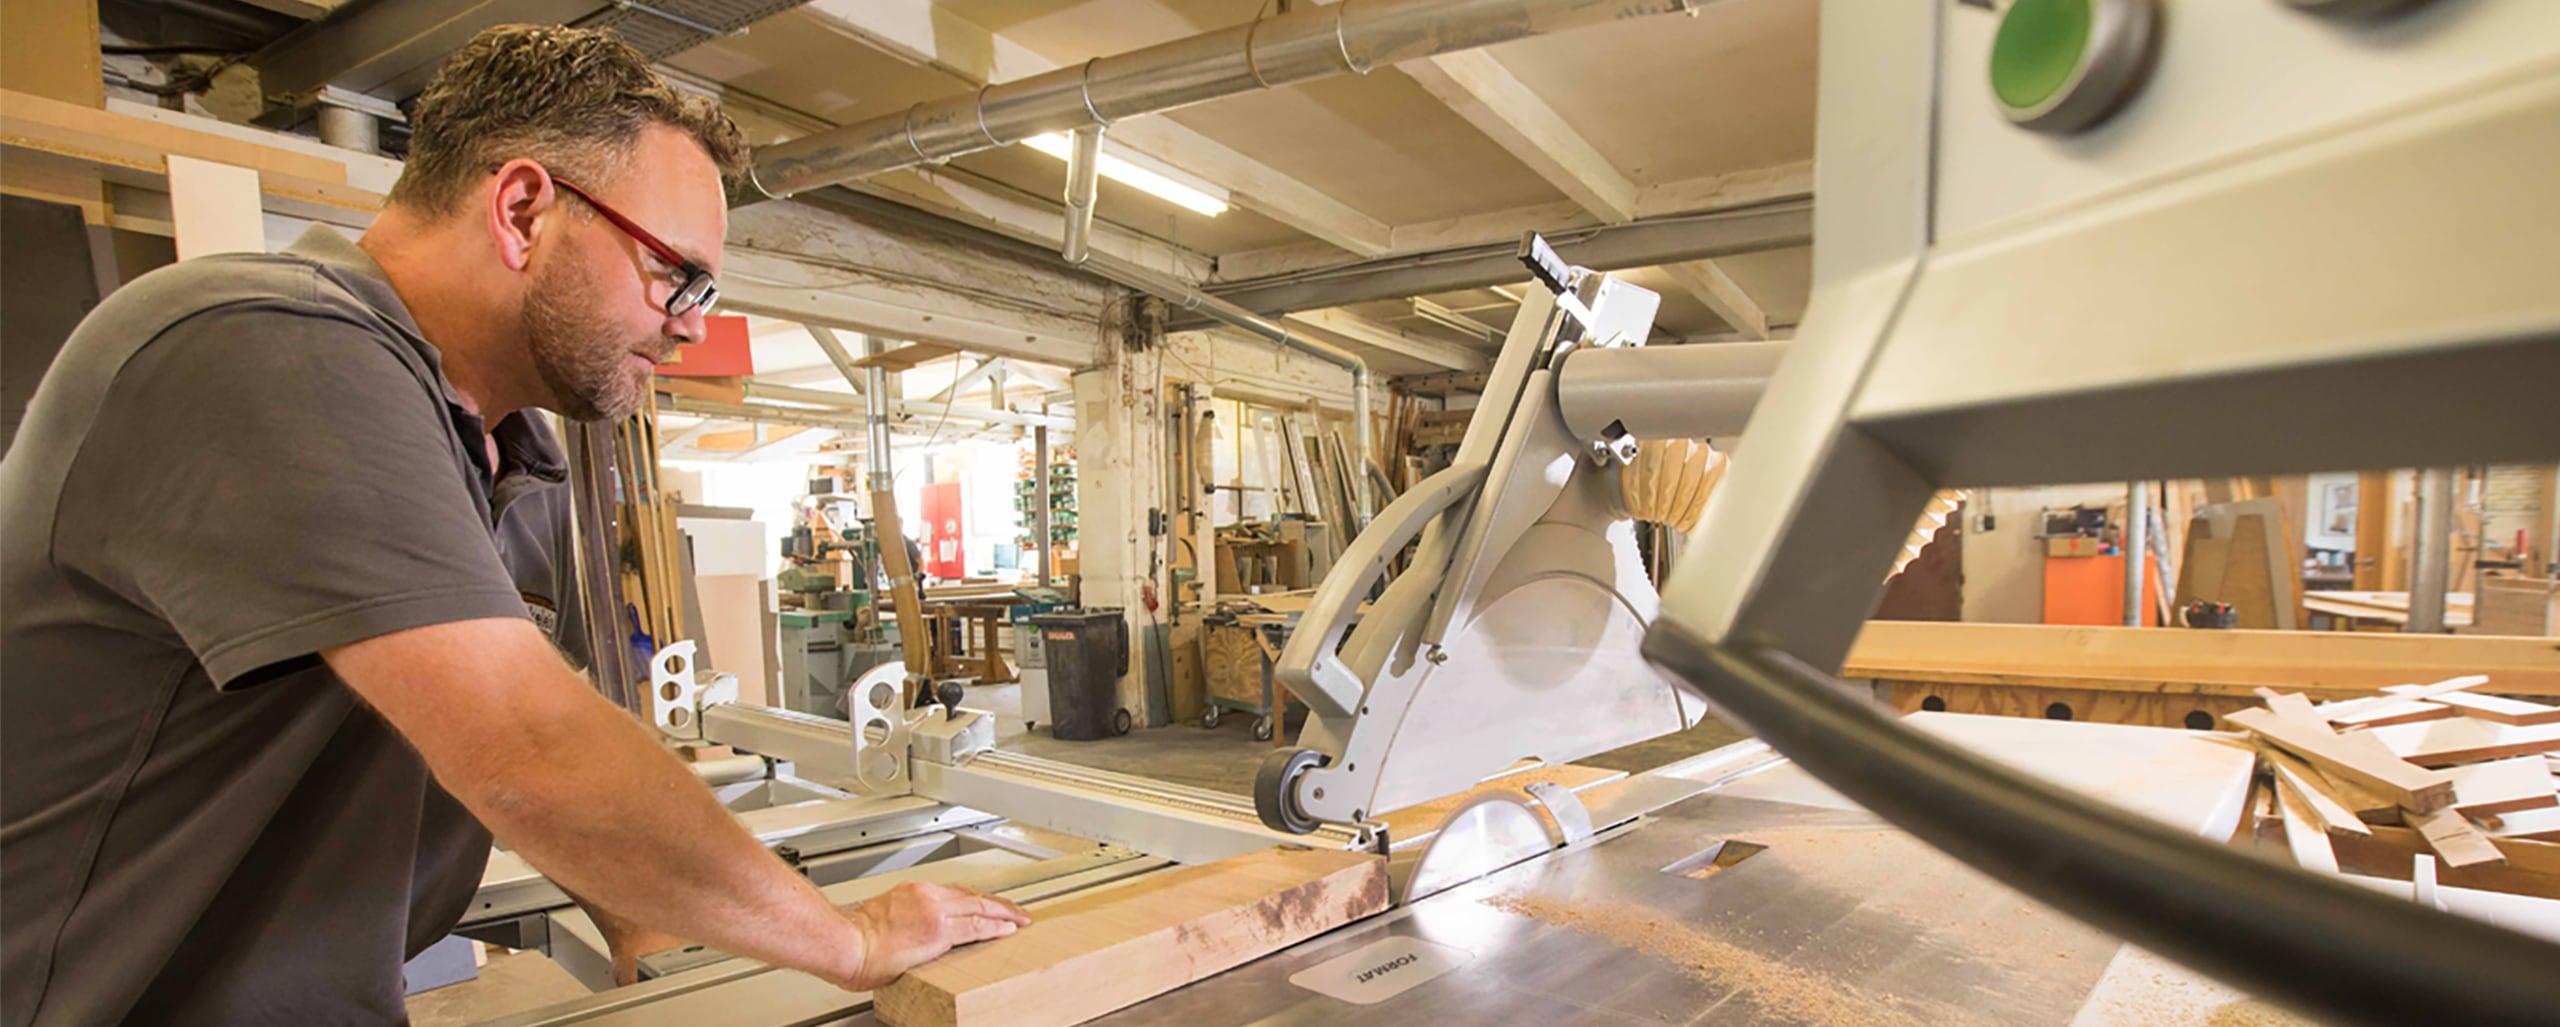 Tischler beim Zuschneiden von Holz in der Tischlerei Pickelein